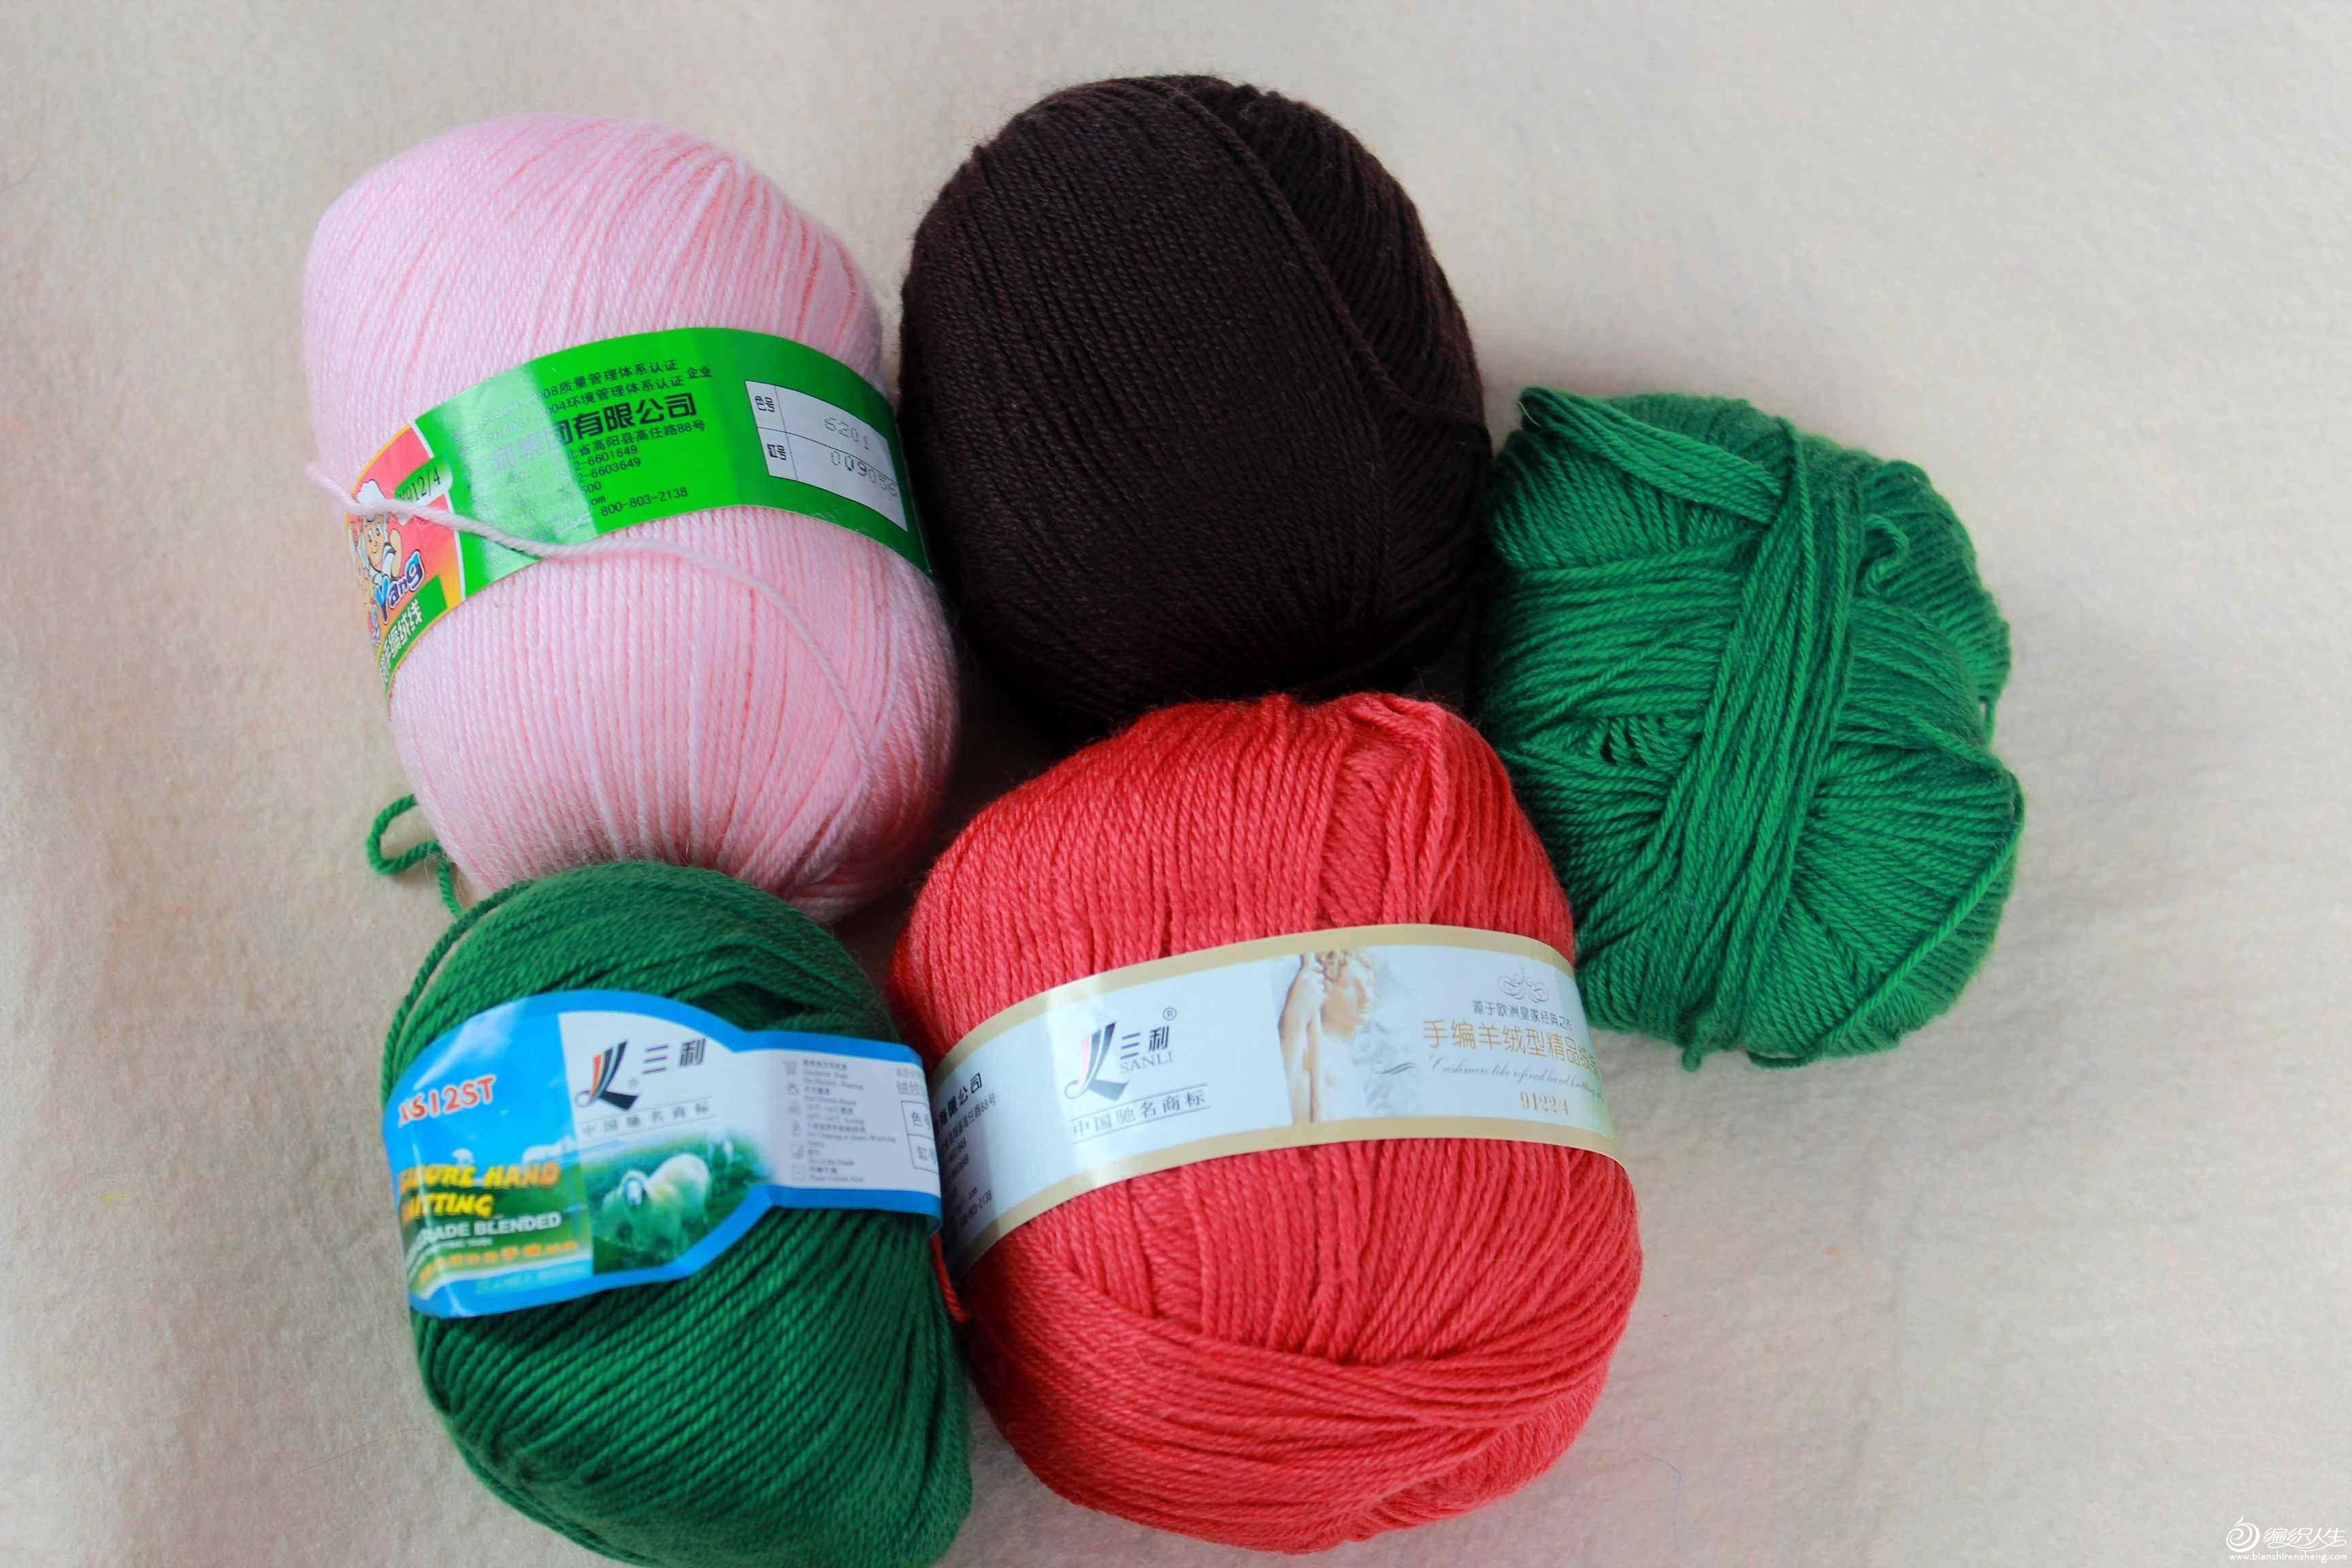 三利混羊毛原價55,現45處理,共7兩多.JPG